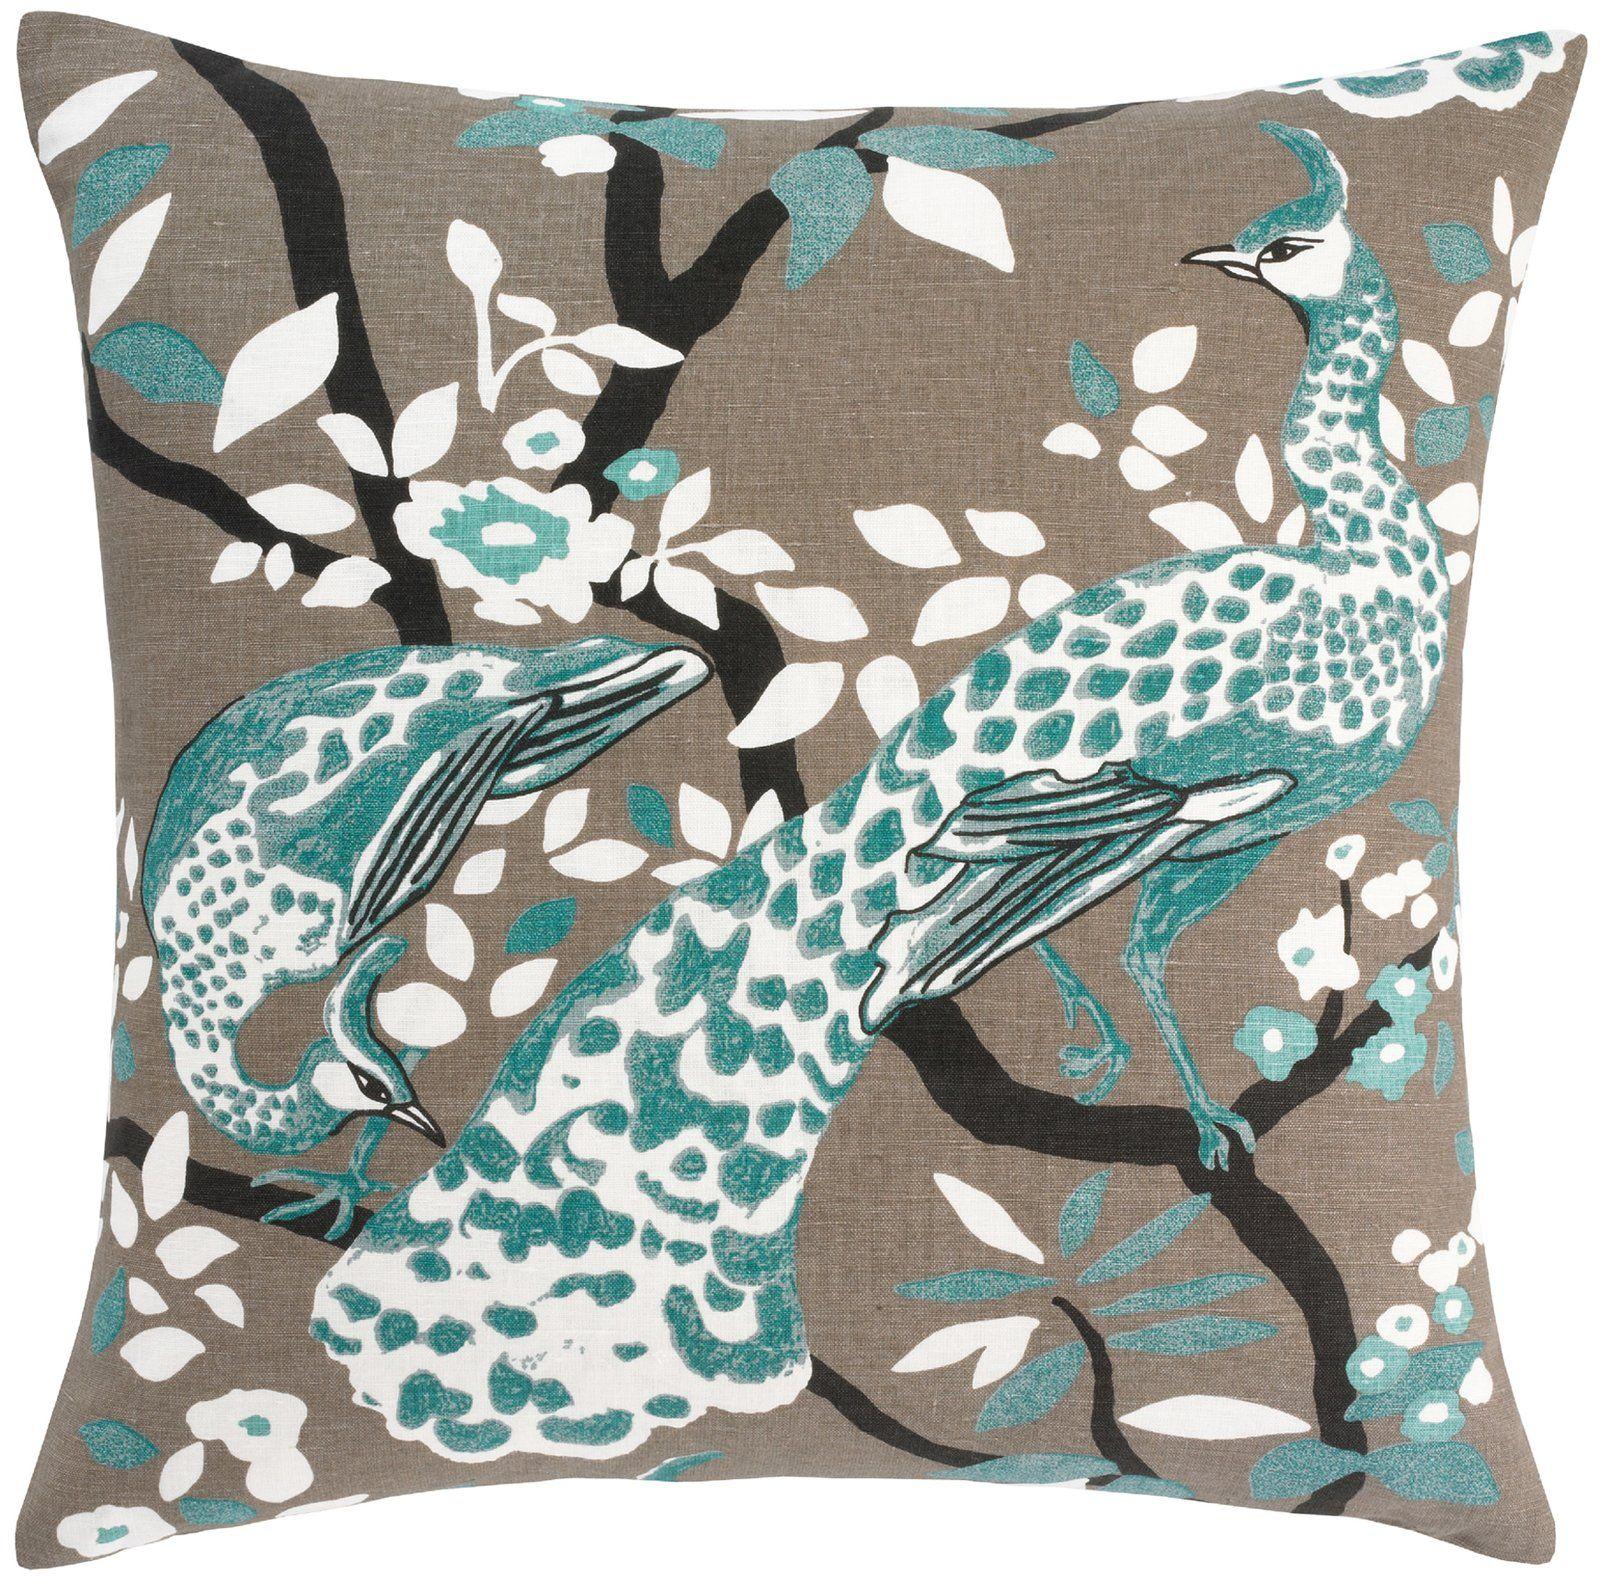 Dwellstudio Peacock Pillow Casa Com Peacock Decorative Pillows